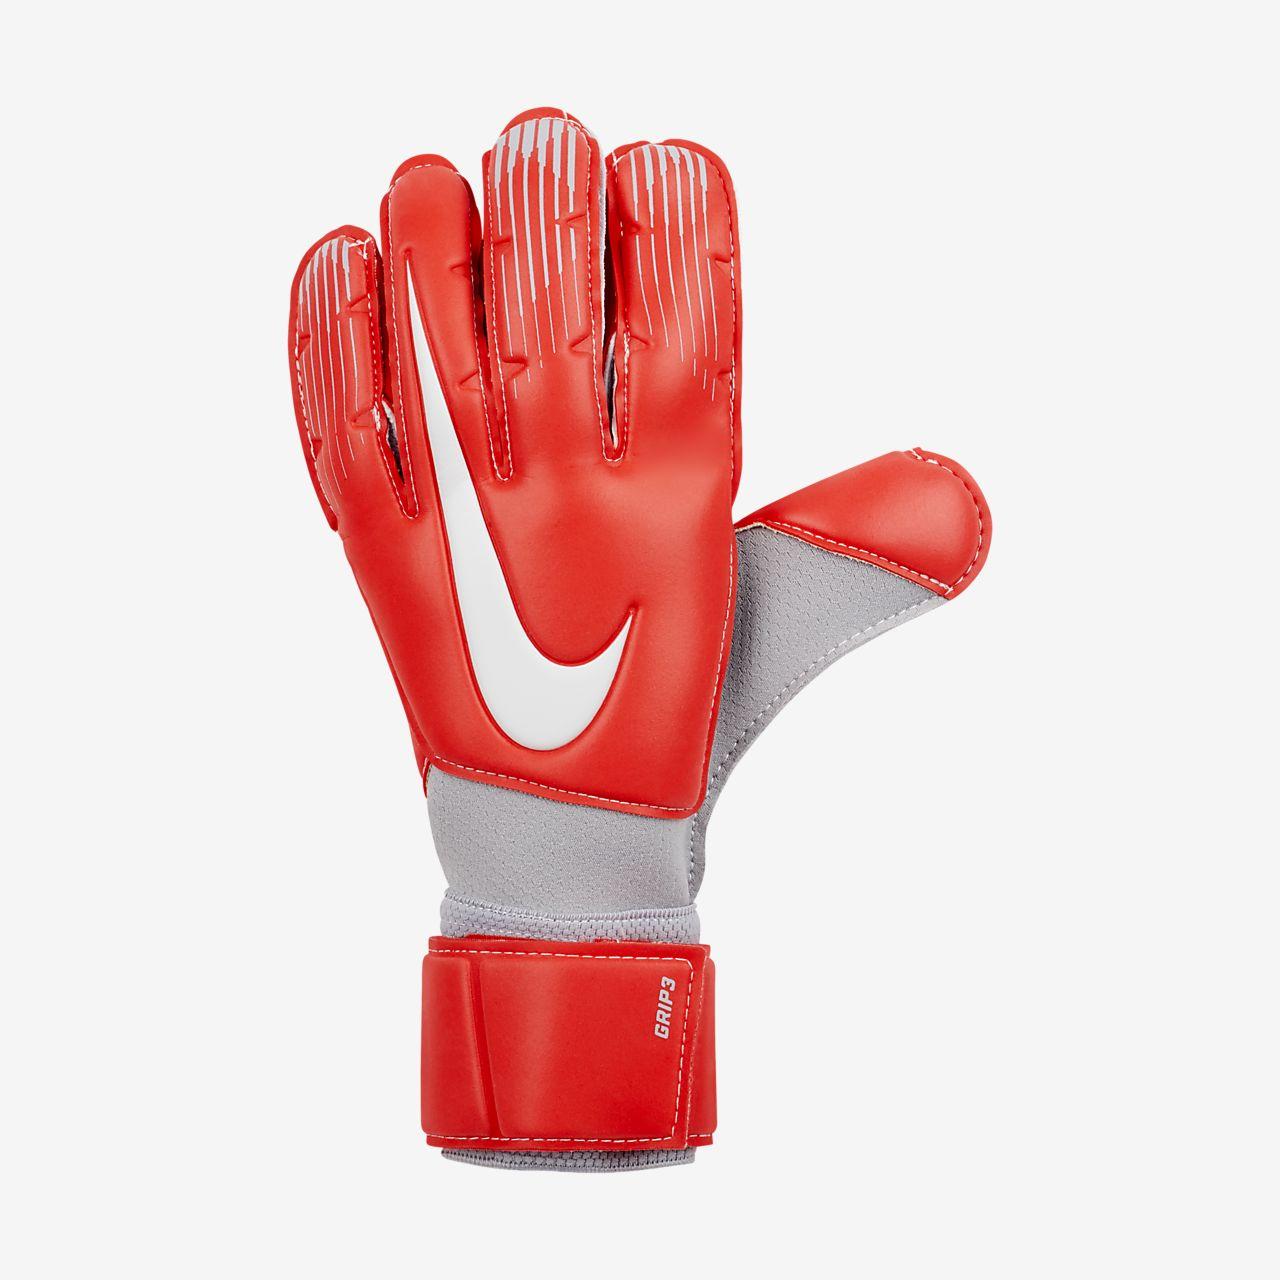 Fotbollshandskar Nike Grip3 Goalkeeper